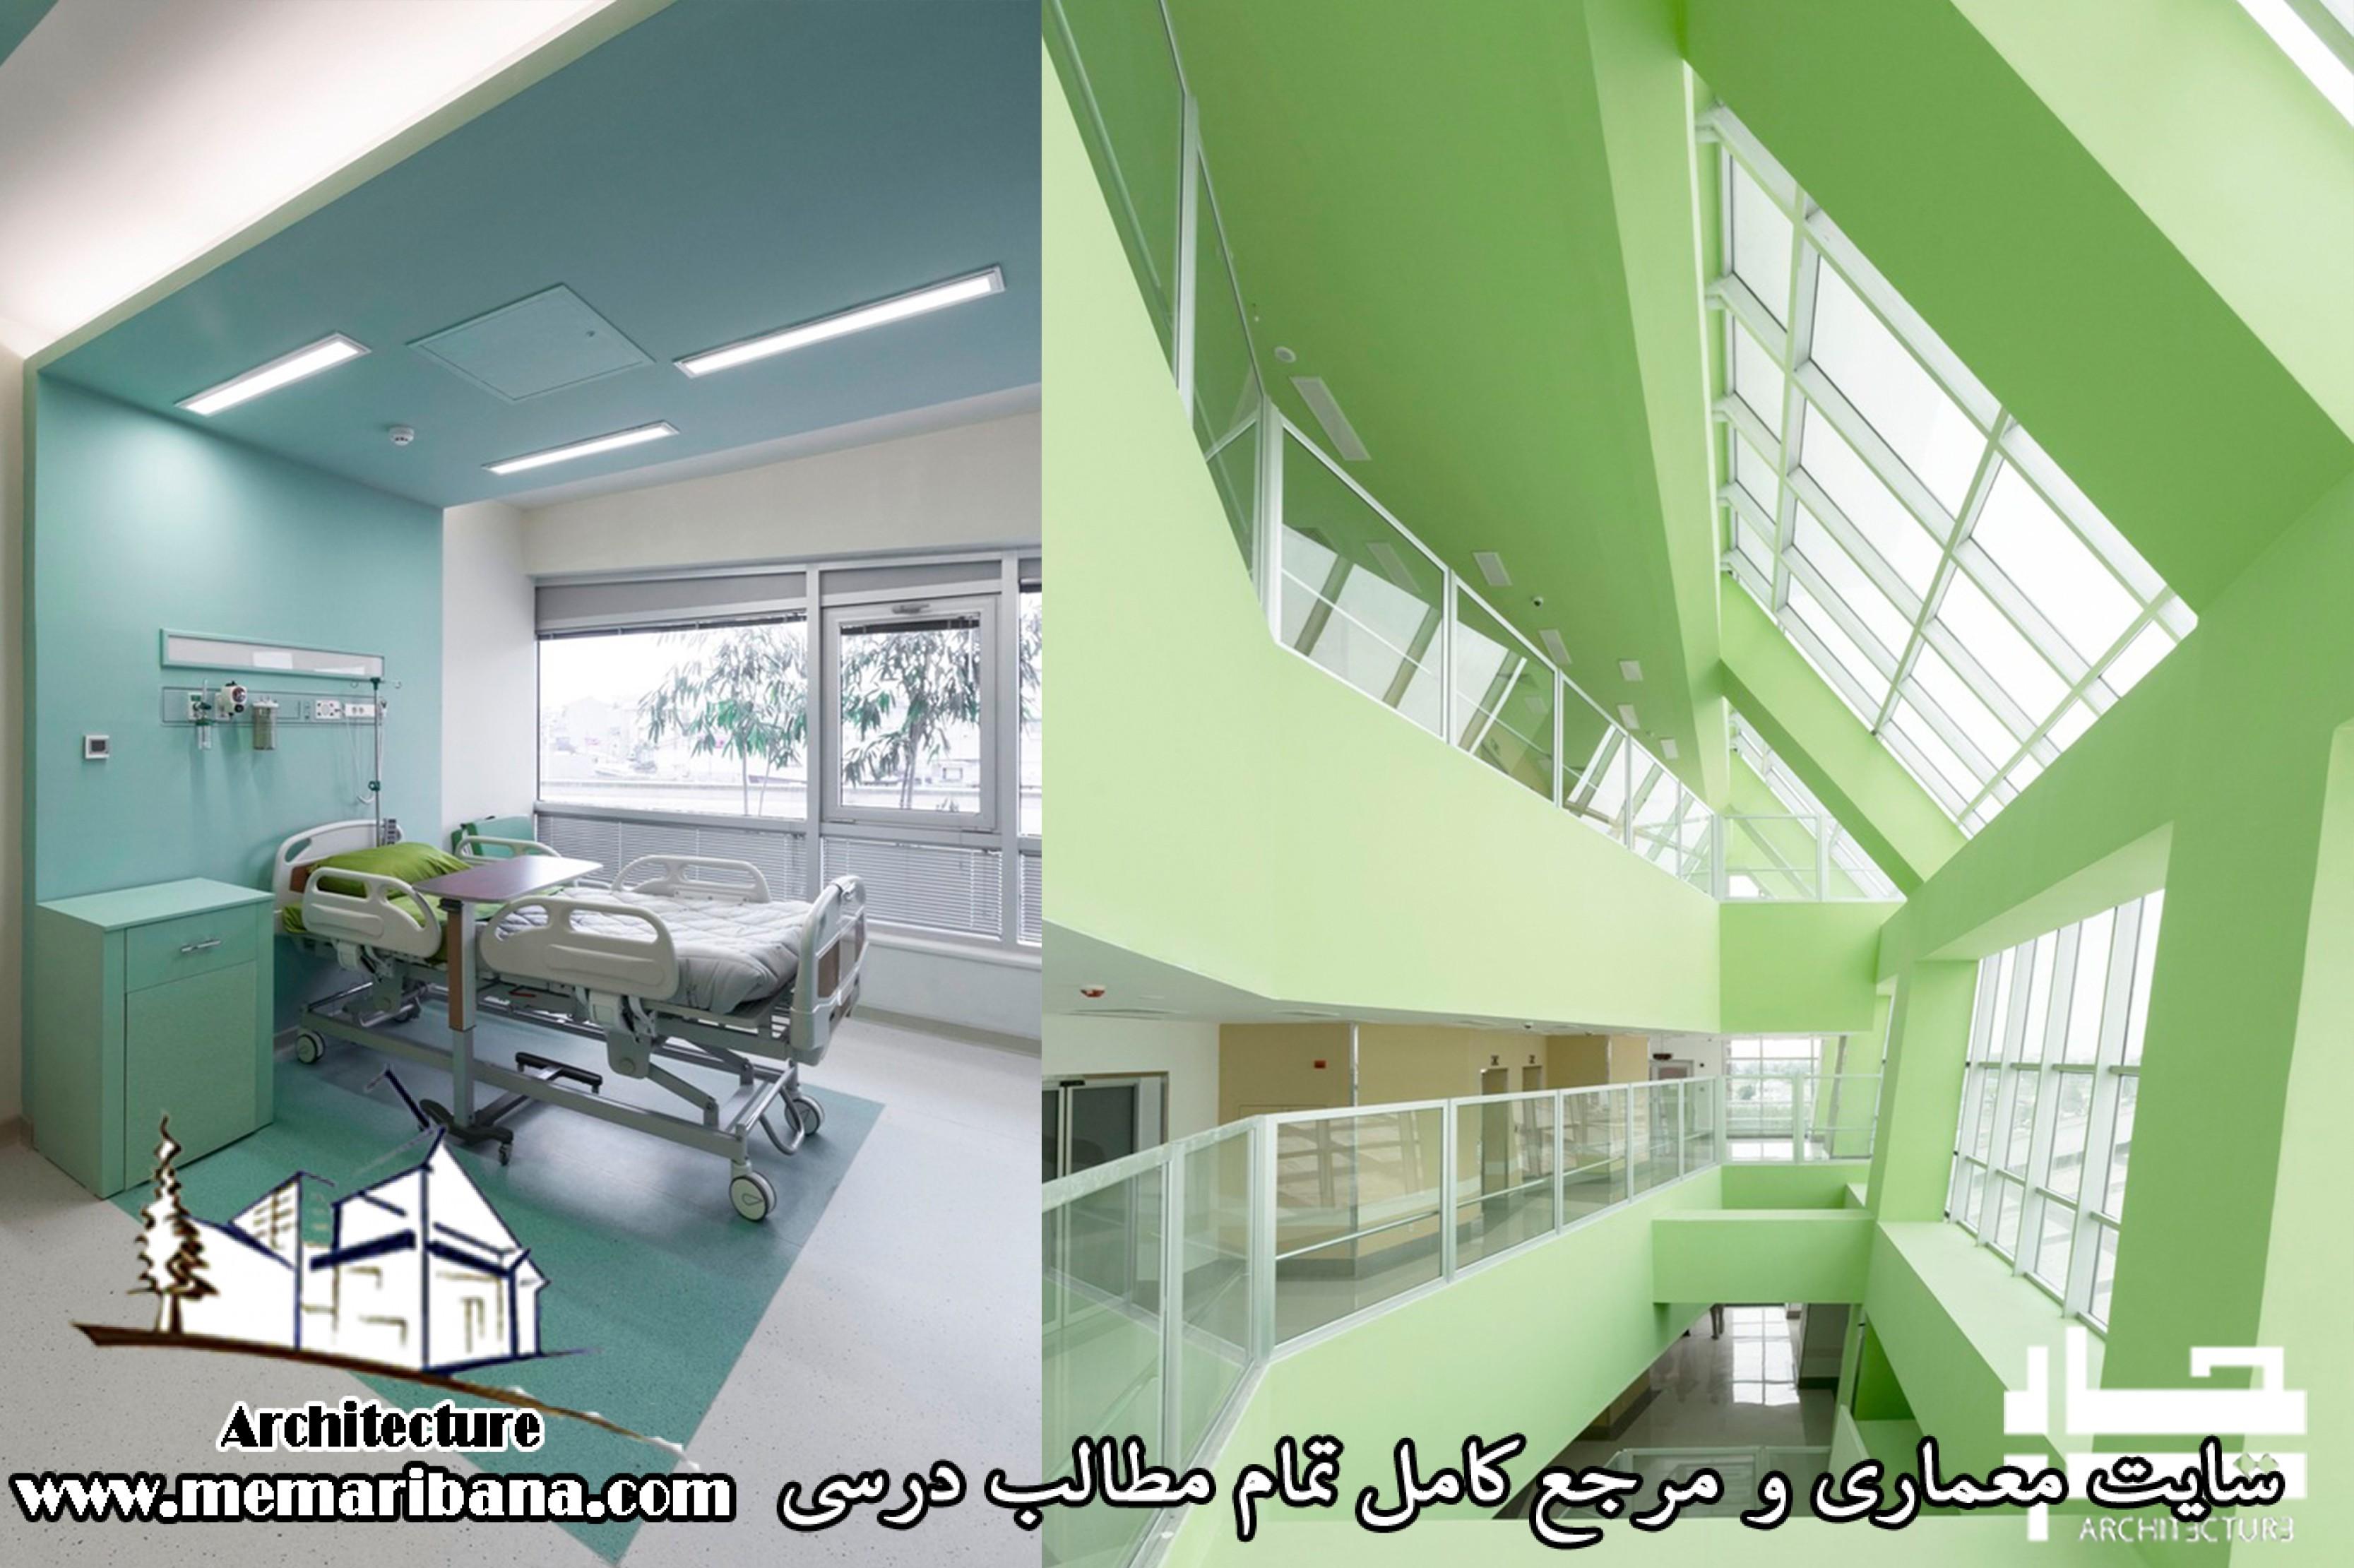 دانلود پروژه اتوکدی طراحی کلینیک درمانی همراه با حجم اتوکدی